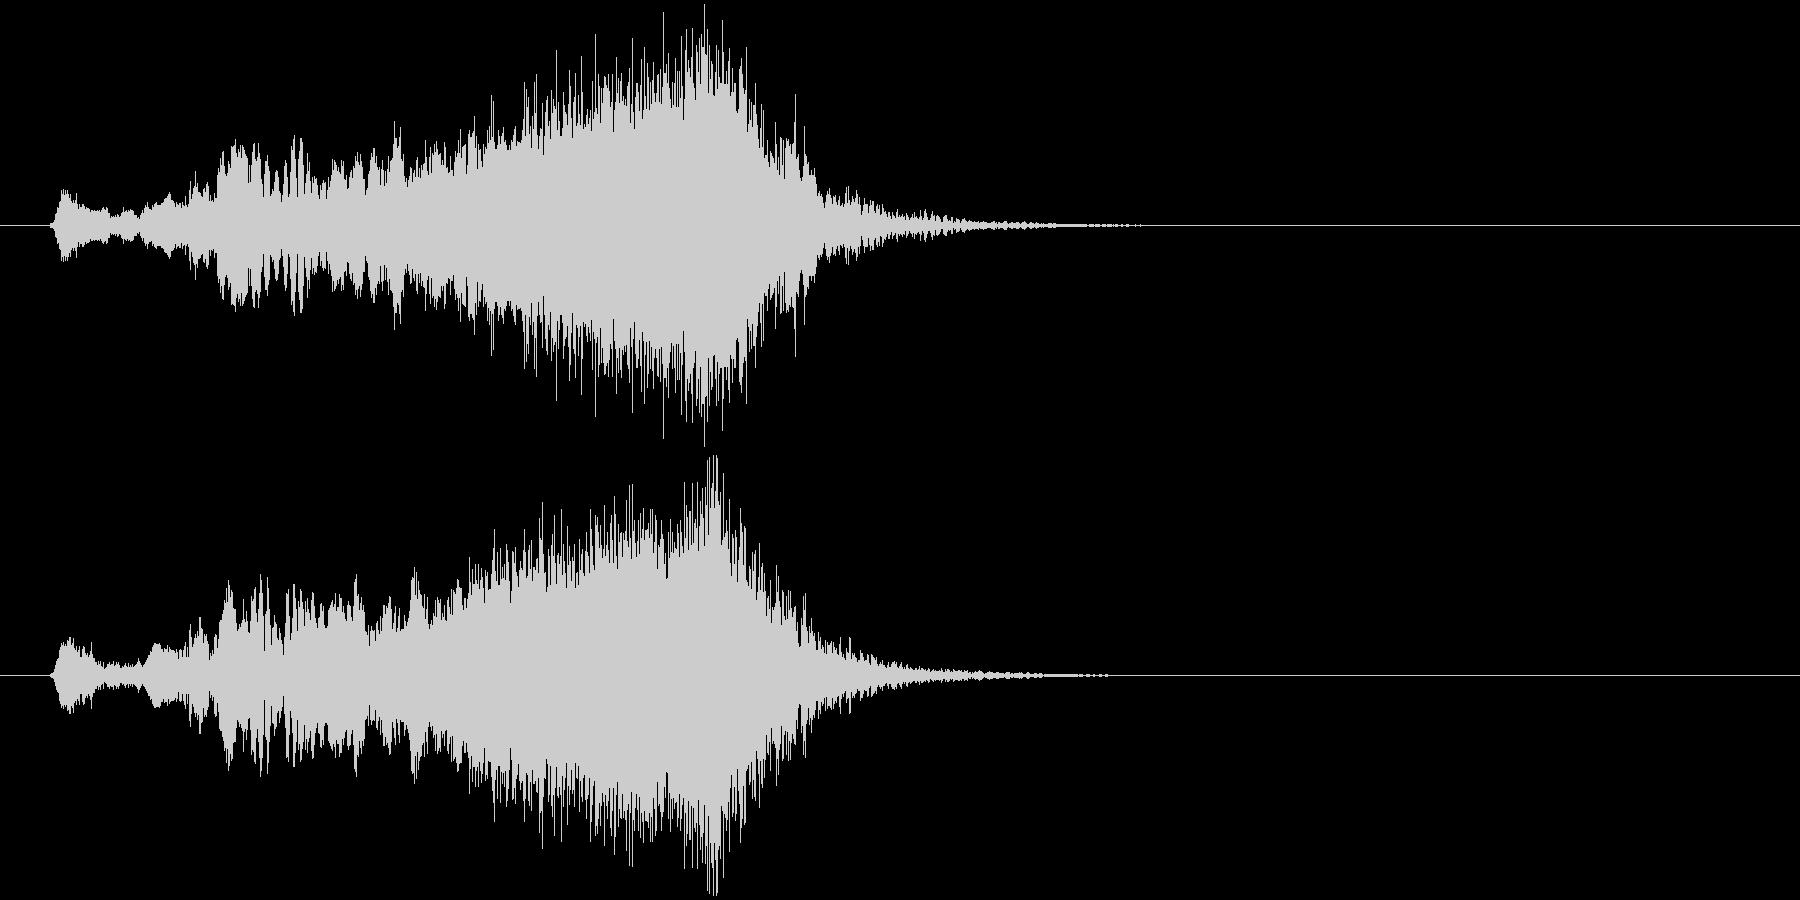 ジングル サウンドロゴ 8秒 尺八 和風の未再生の波形